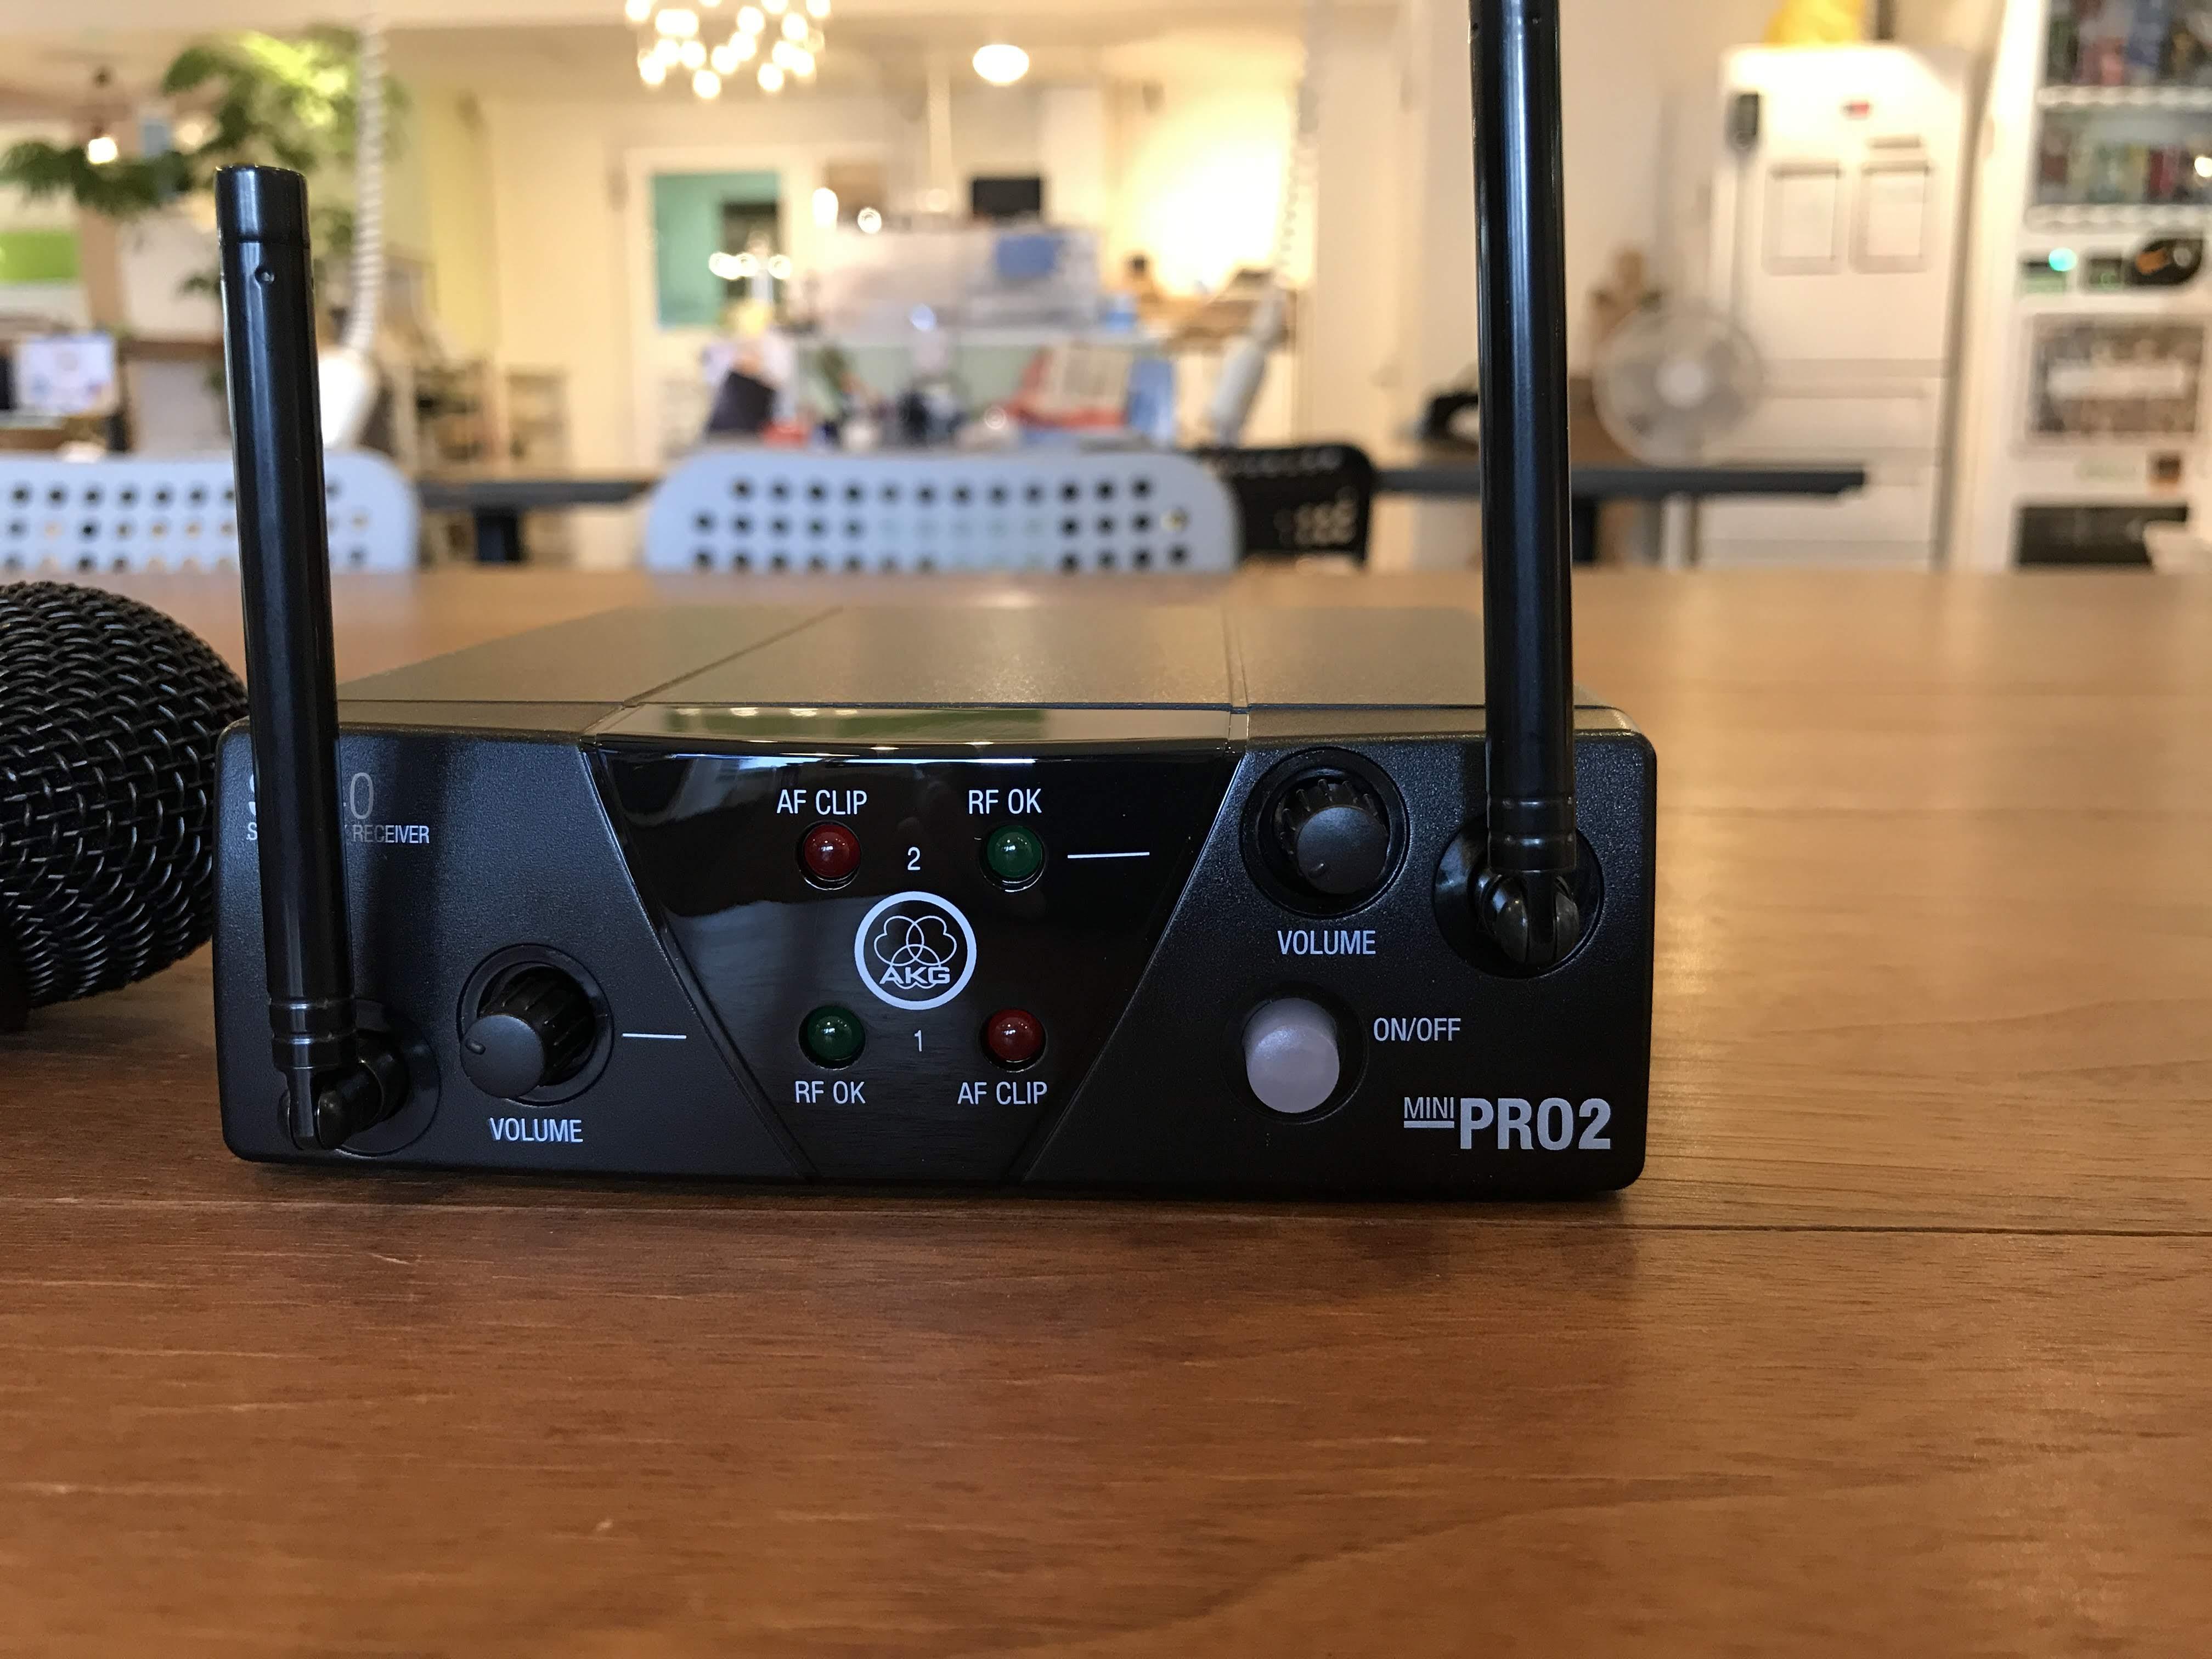 アンテナが2つある「WMS40 PRO MINI」の2チャンネル受信機。